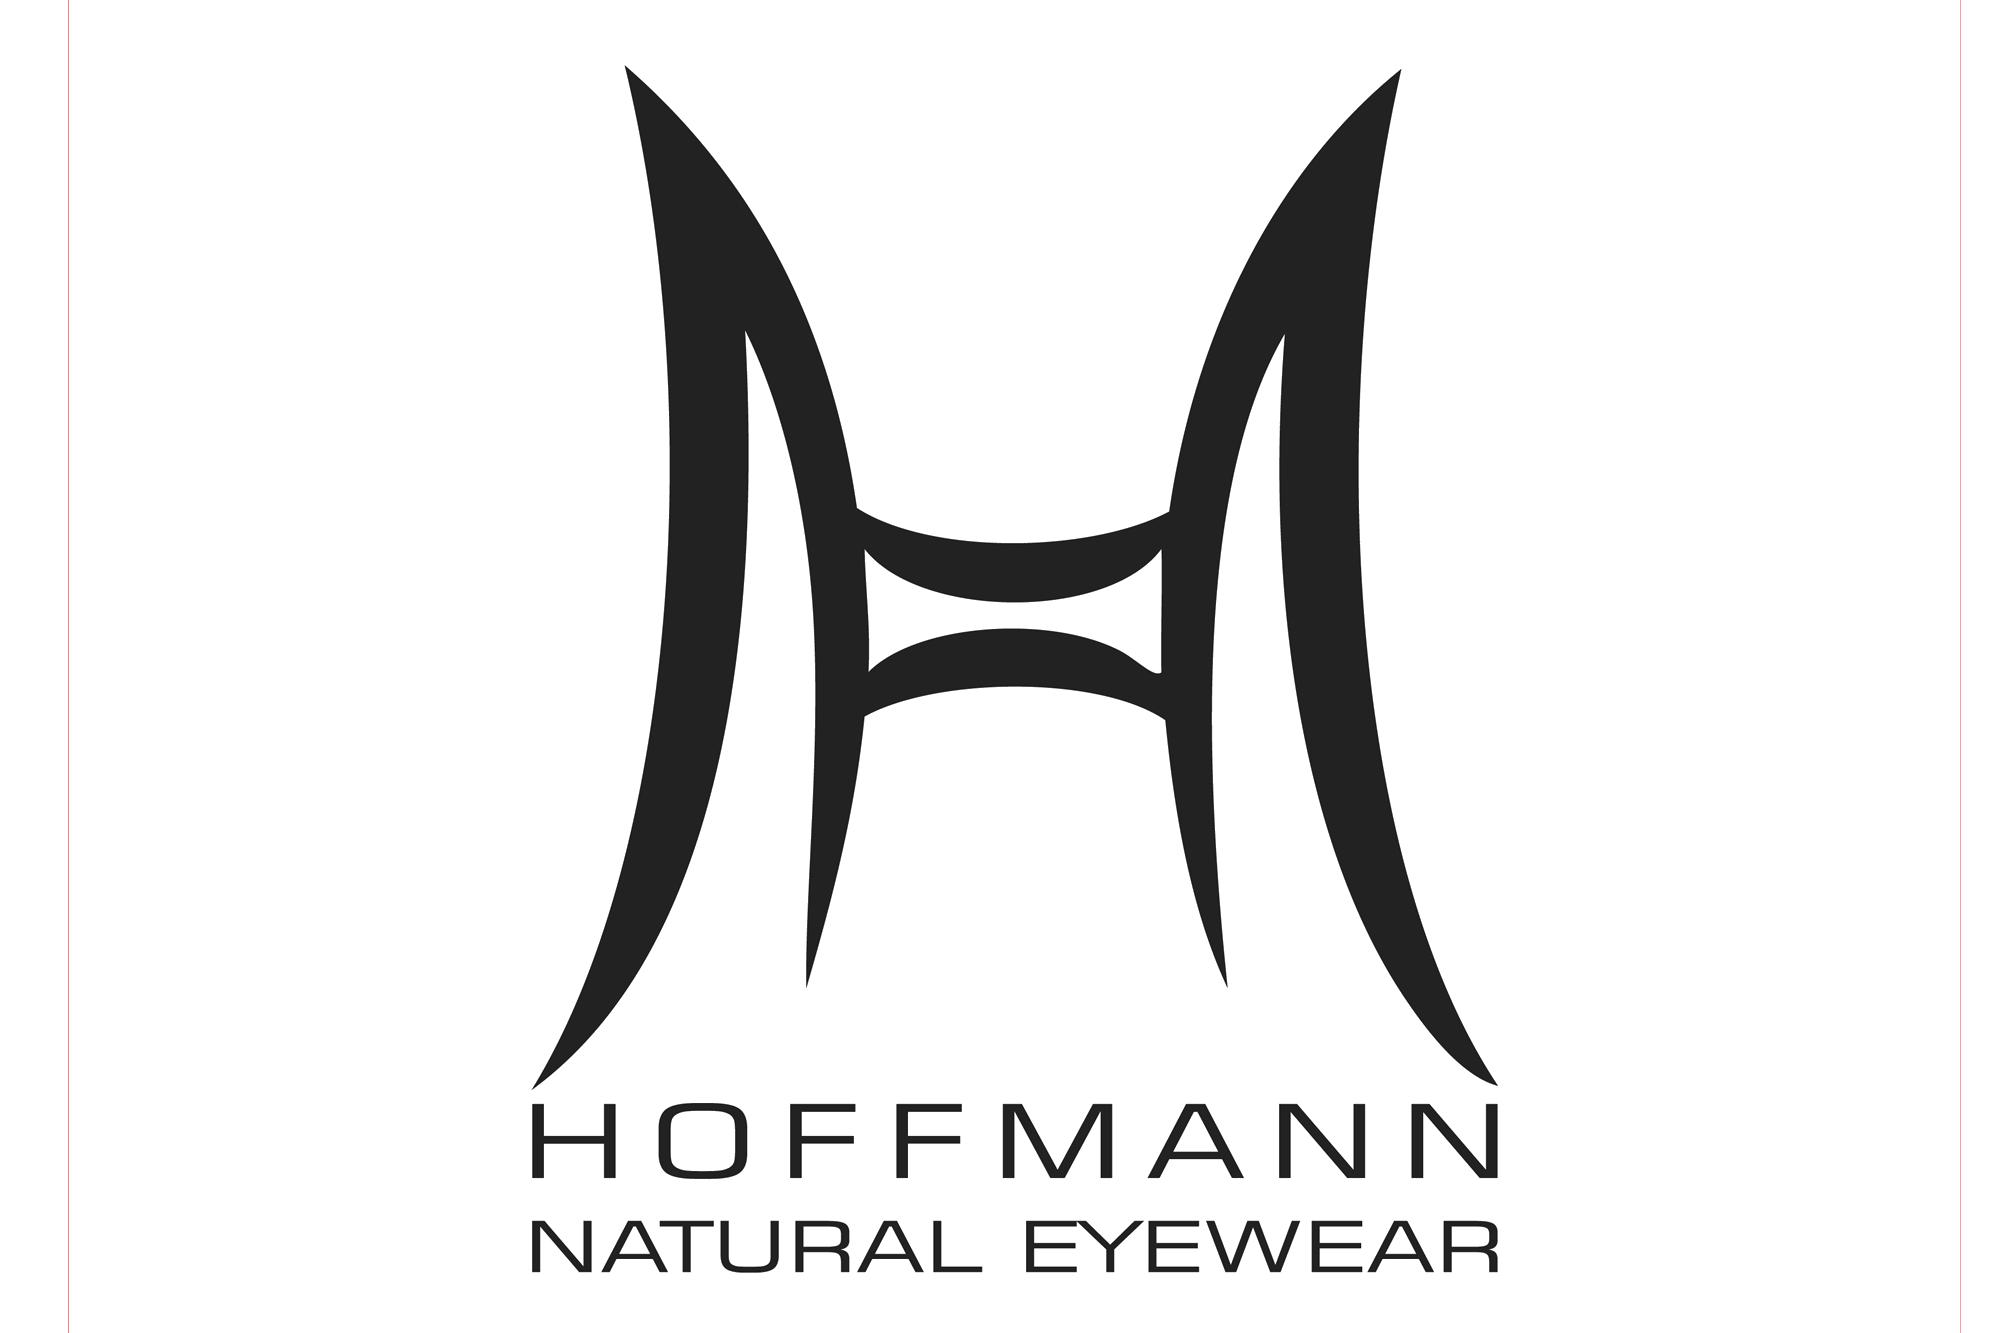 Hoffmann - auch Massanfertigungen nach Ihren individuellen Vorstellungen